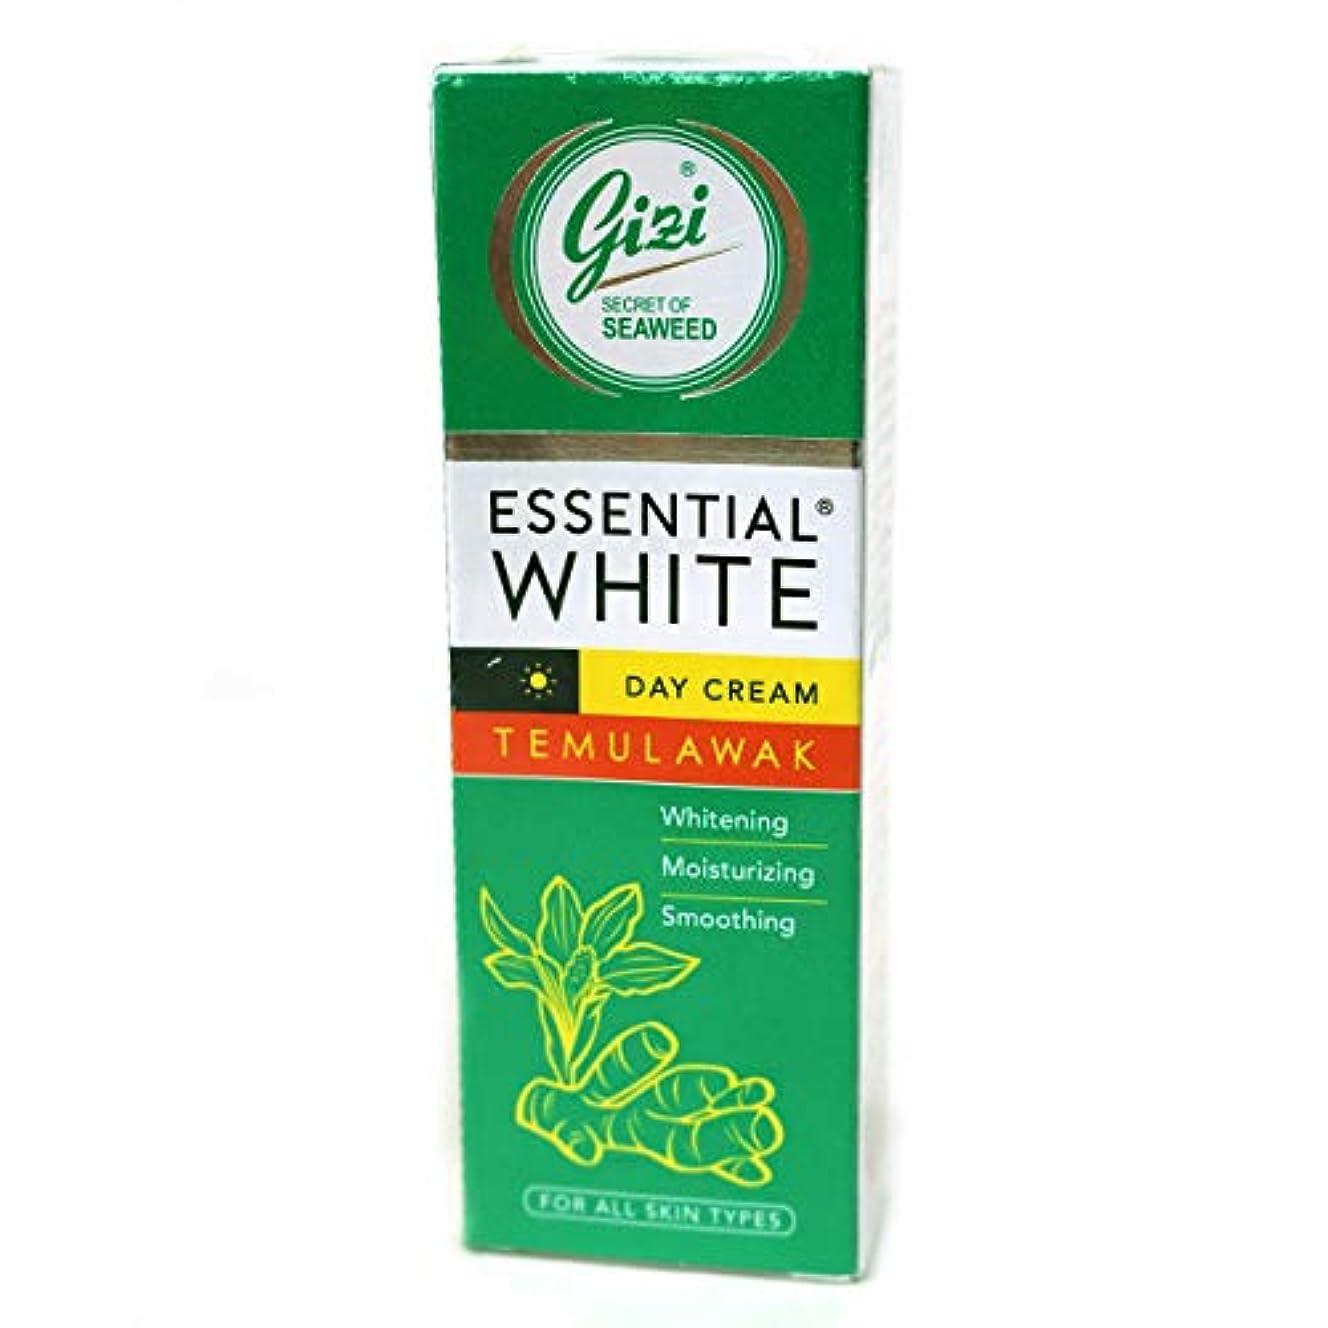 作物外交それぞれギジ gizi Essential White 日中用スキンケアクリーム チューブタイプ 18g テムラワク ウコン など天然成分配合 [海外直送品]